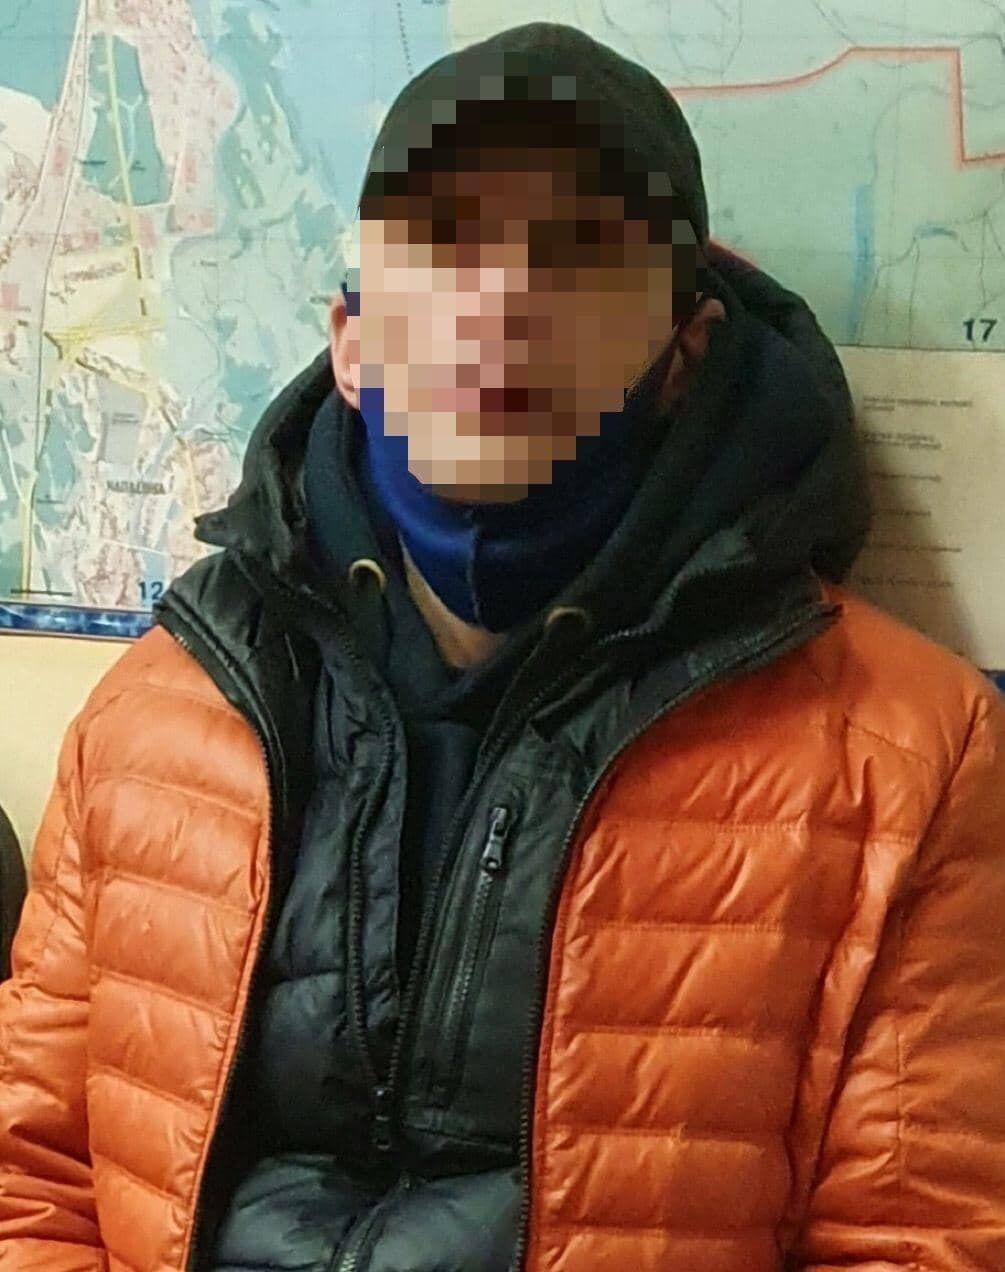 Поліція затримала підозрюваного у вбивстві в центрі Києва.